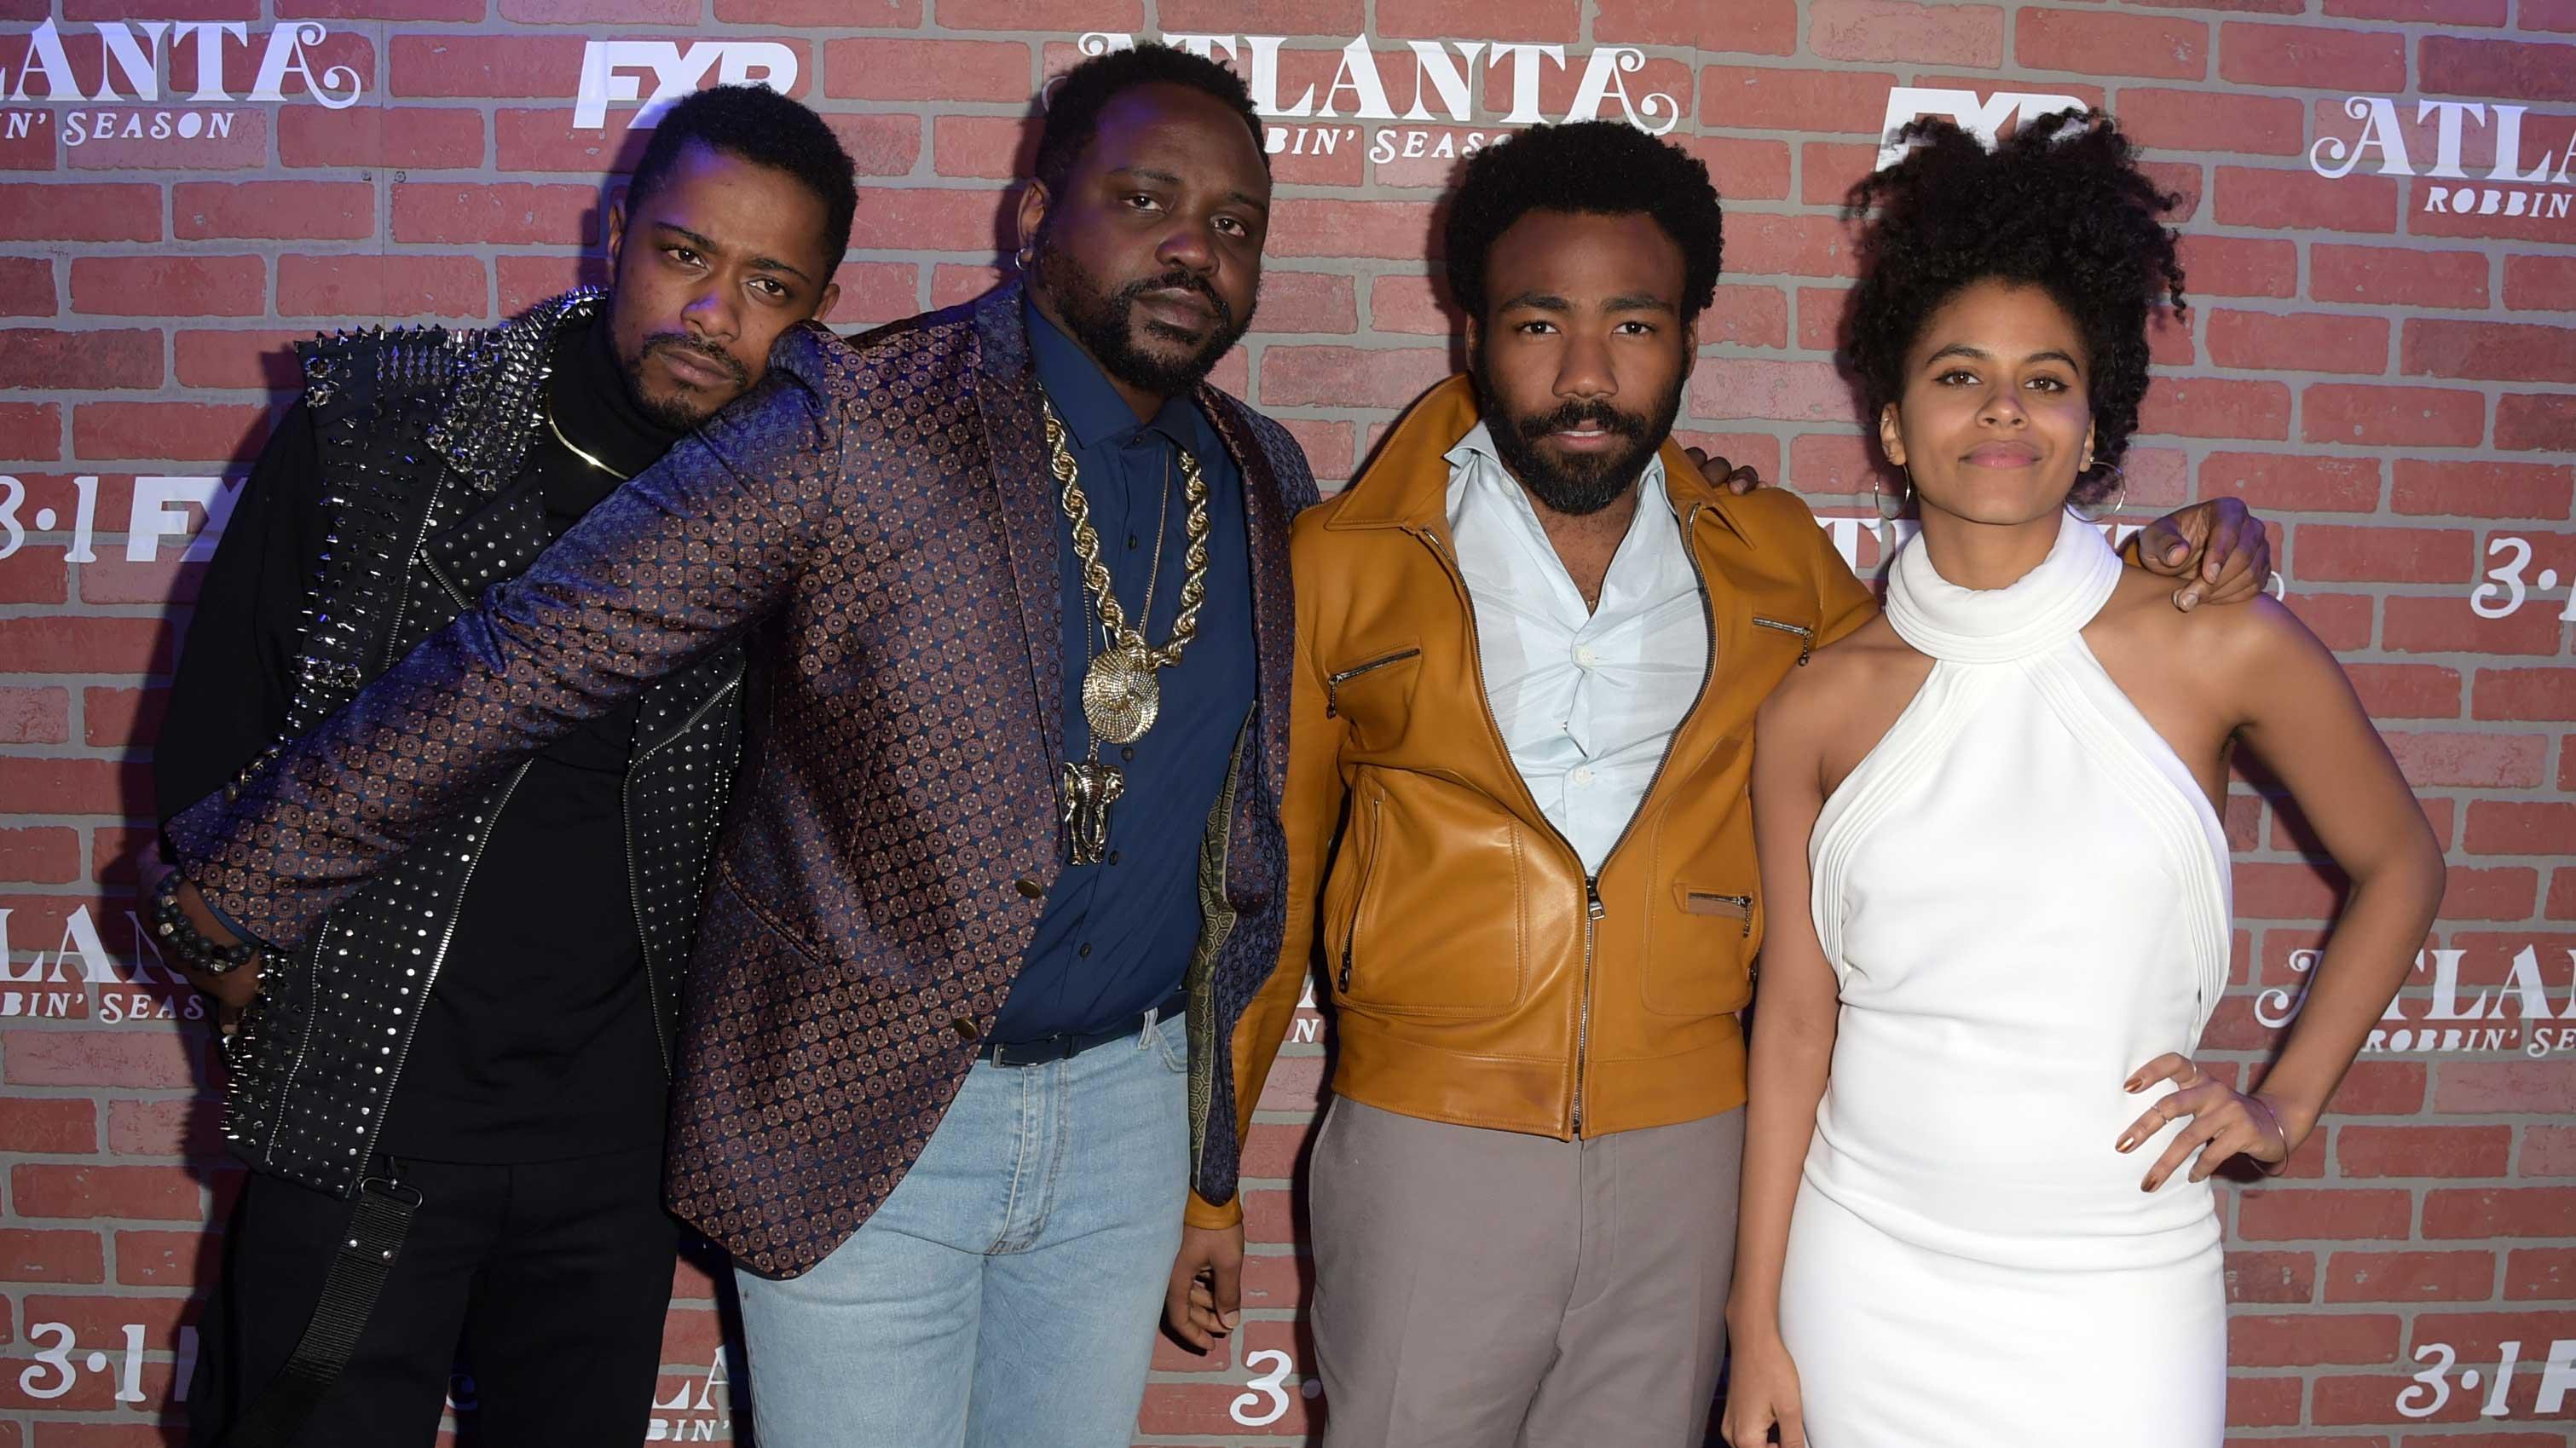 """Premiere For FX's """"Atlanta Robbin' Season"""" – Red Carpet"""